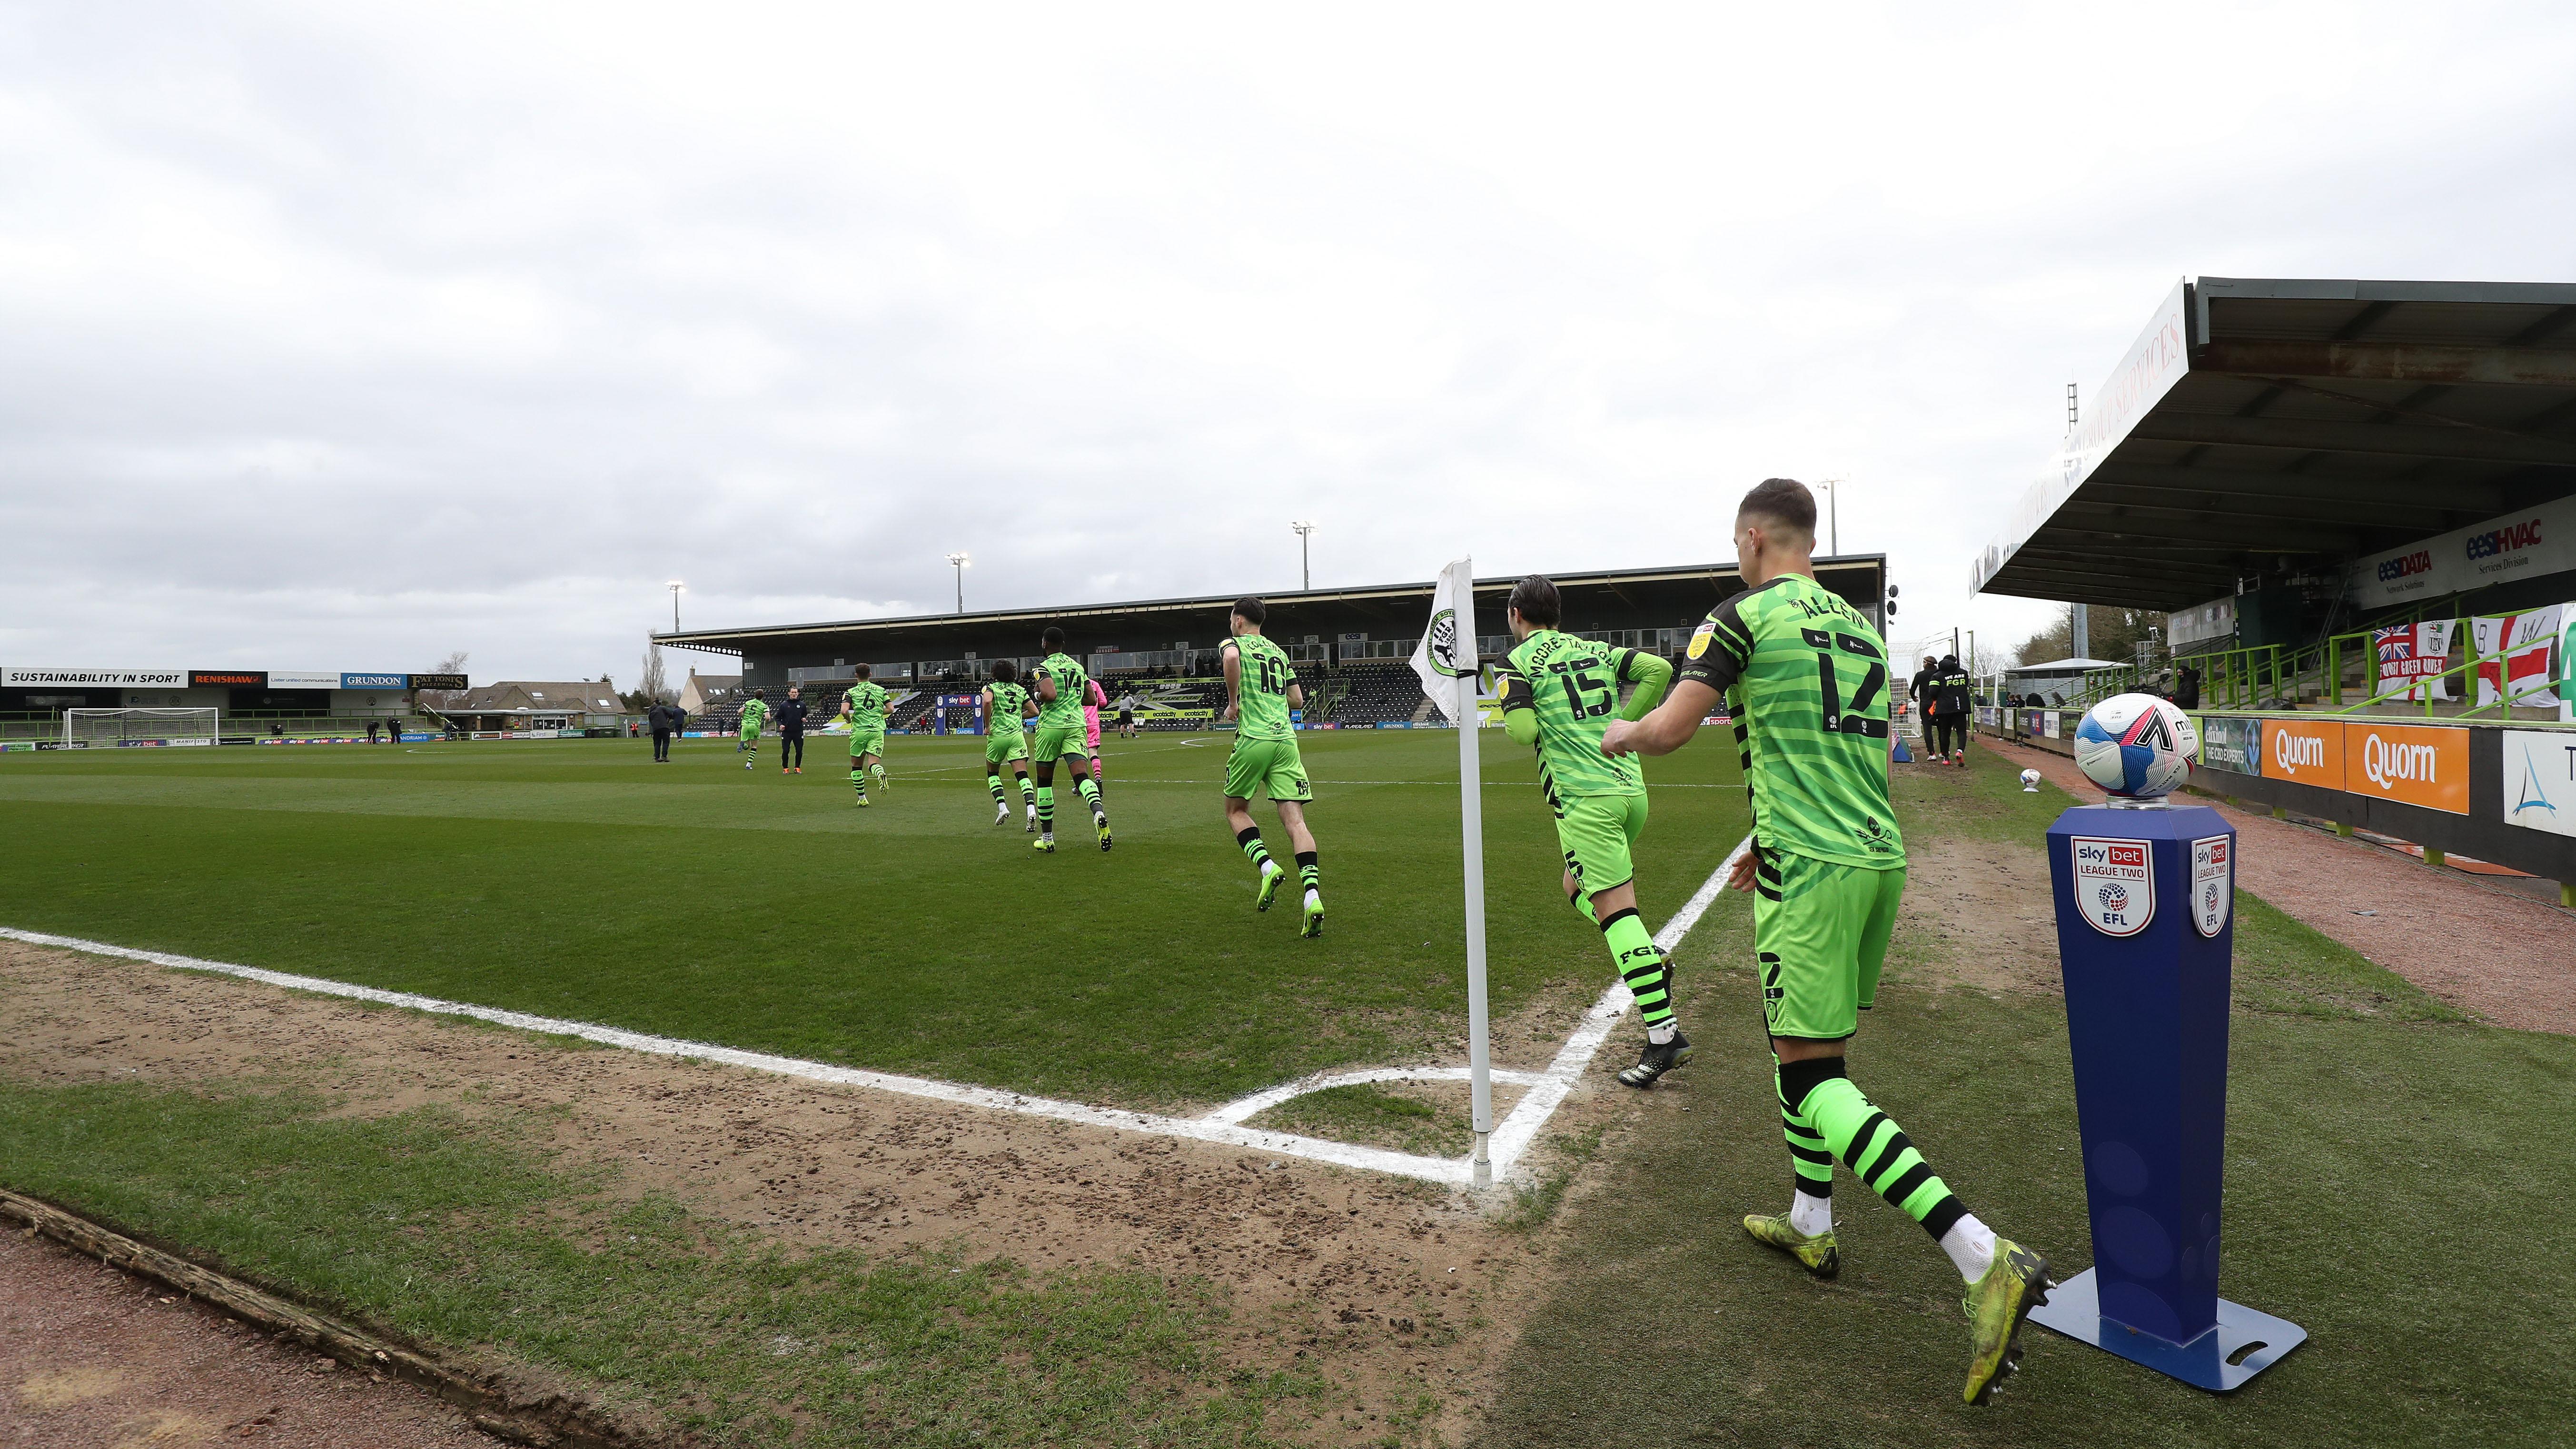 Forest Green stadium